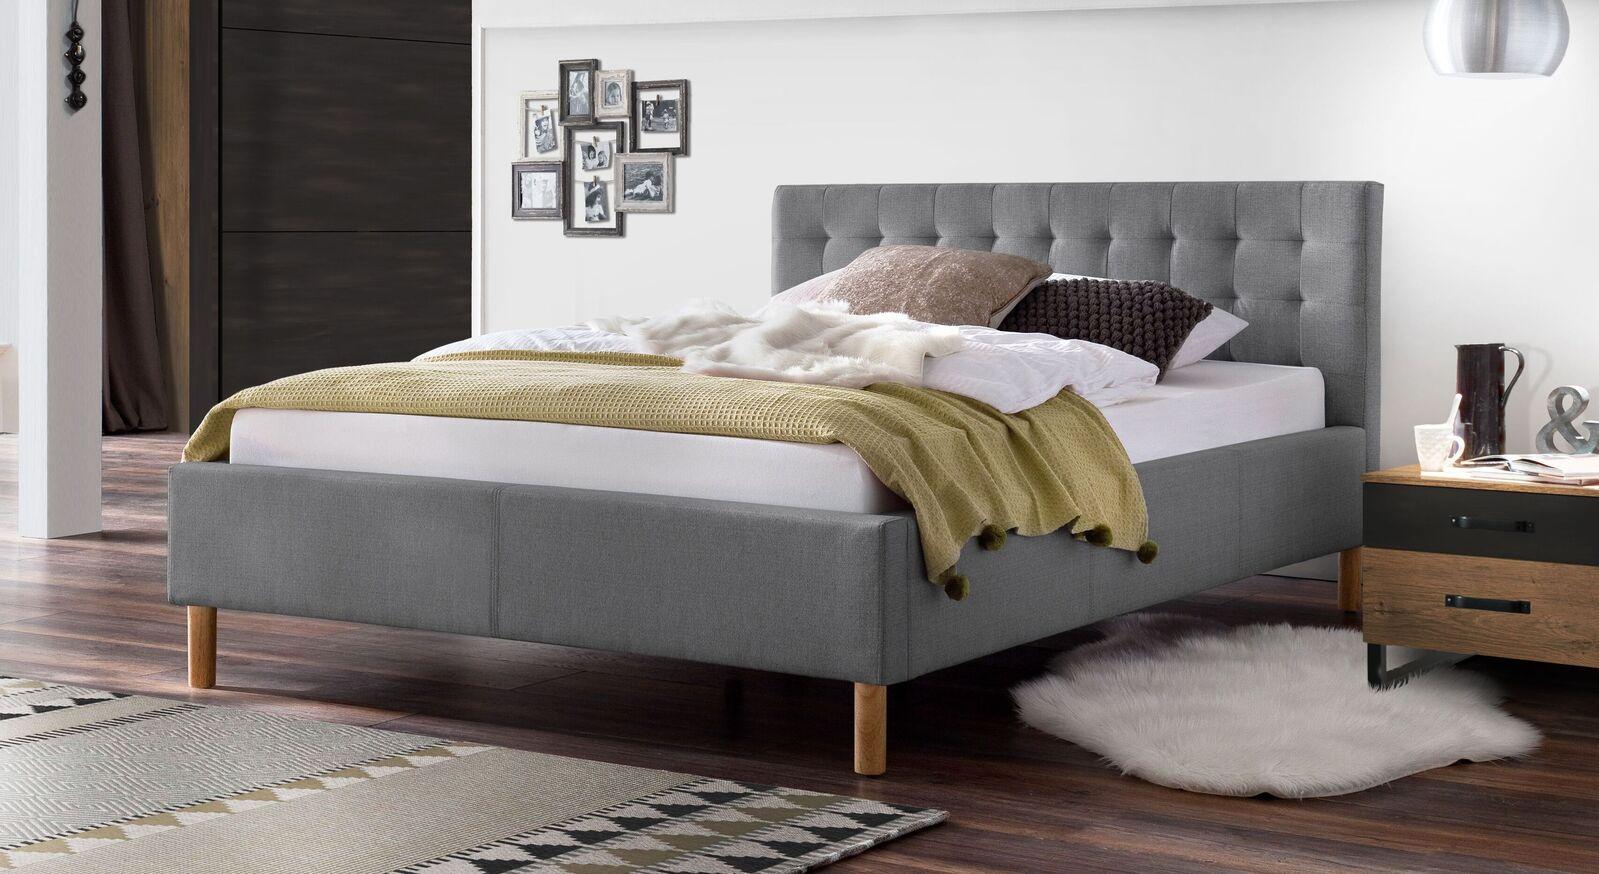 Full Size of Graues Bettlaken Dunkel Samtsofa Bett Kombinieren Welche Wandfarbe 120x200 Ikea Waschen Passende 180x200 160x200 Mit Bettkasten 200x200 Bette Duschwanne Bett Graues Bett